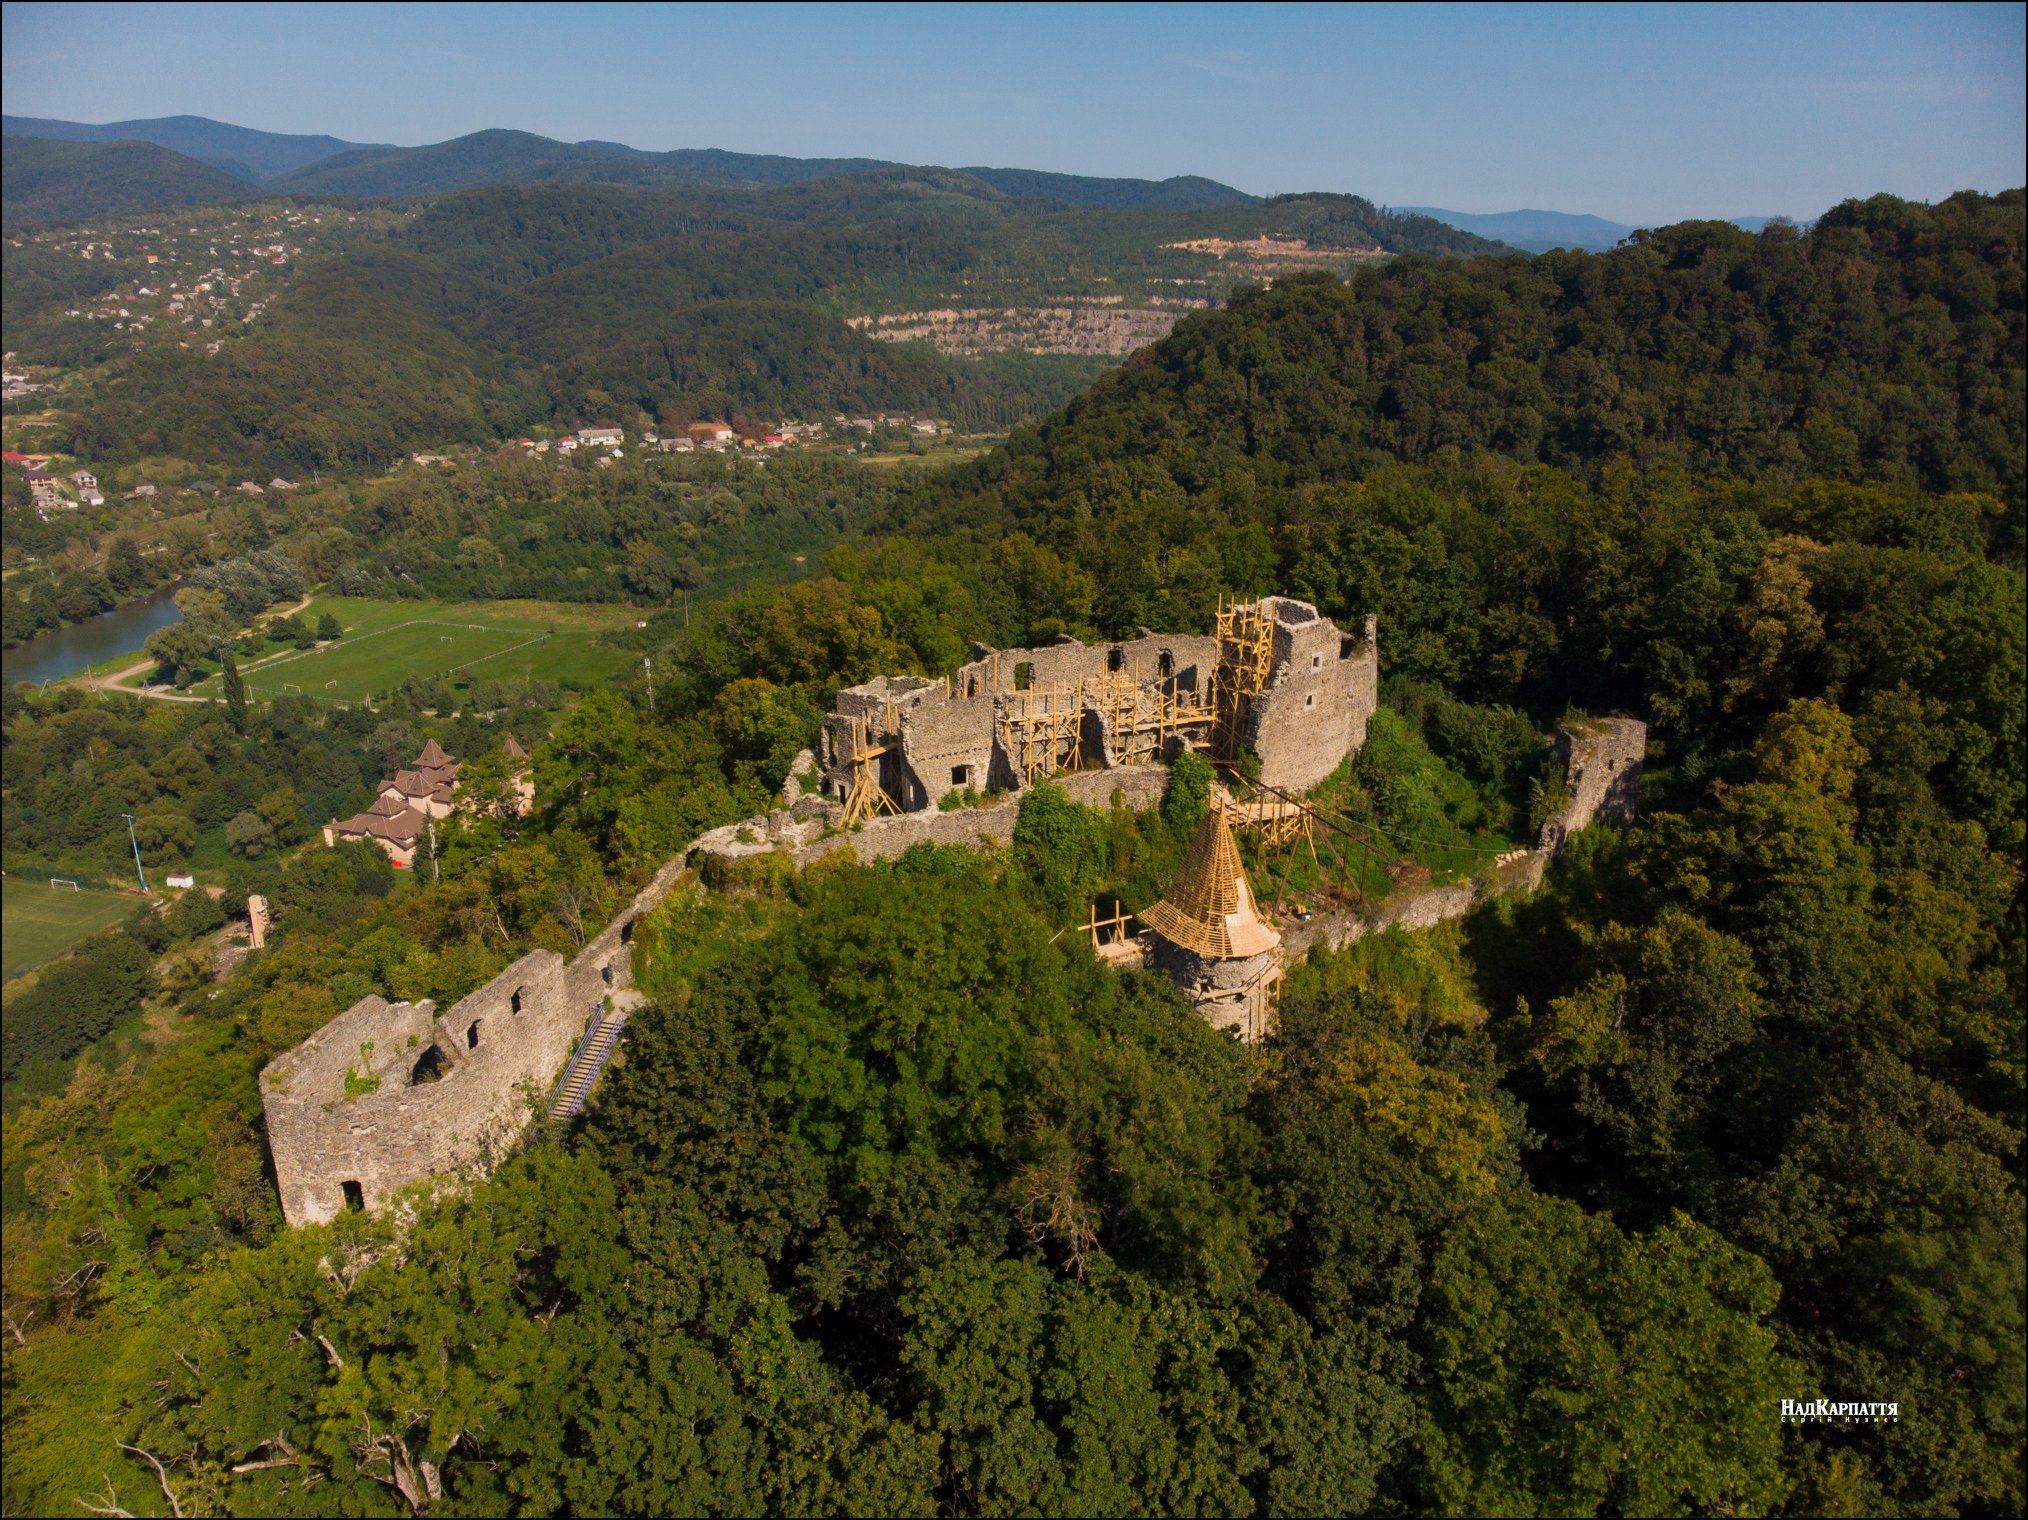 Замок знаходиться біля населених пунктів Кам'яниця та Невицьке Ужгородського р-ну, в дванадцяти кілометрах на північ від Ужгорода.